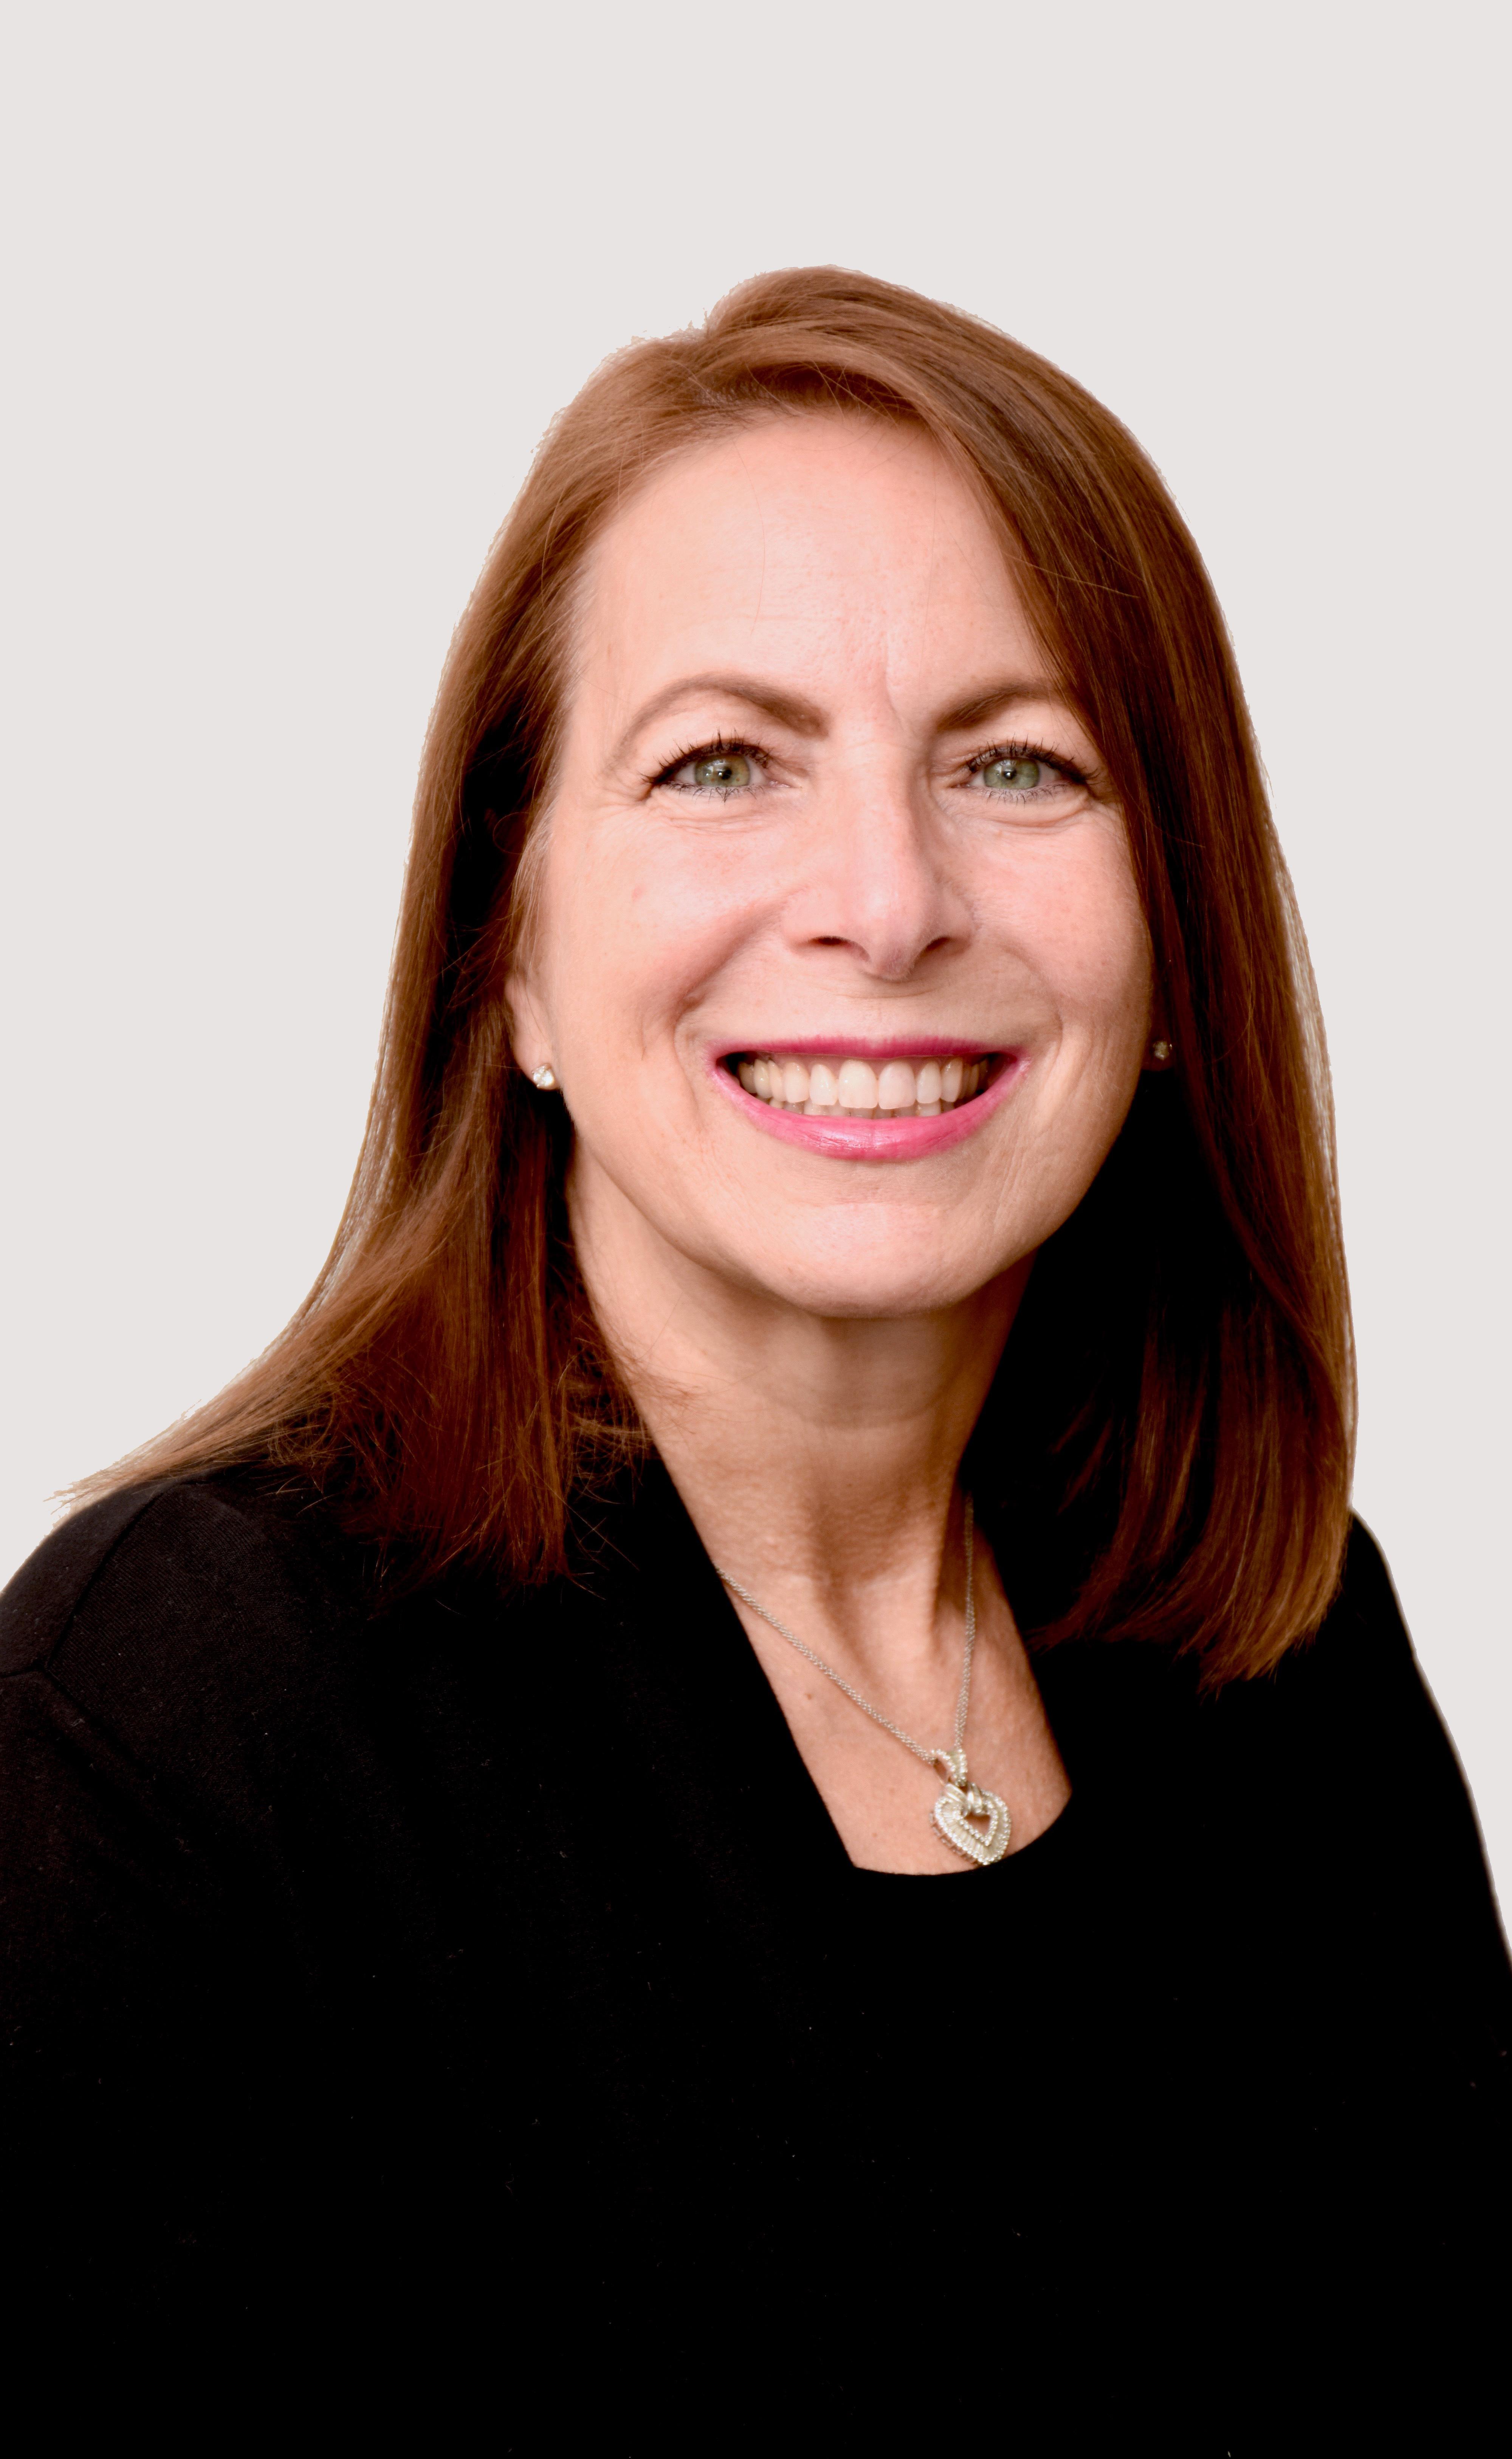 Cindy Cassuto